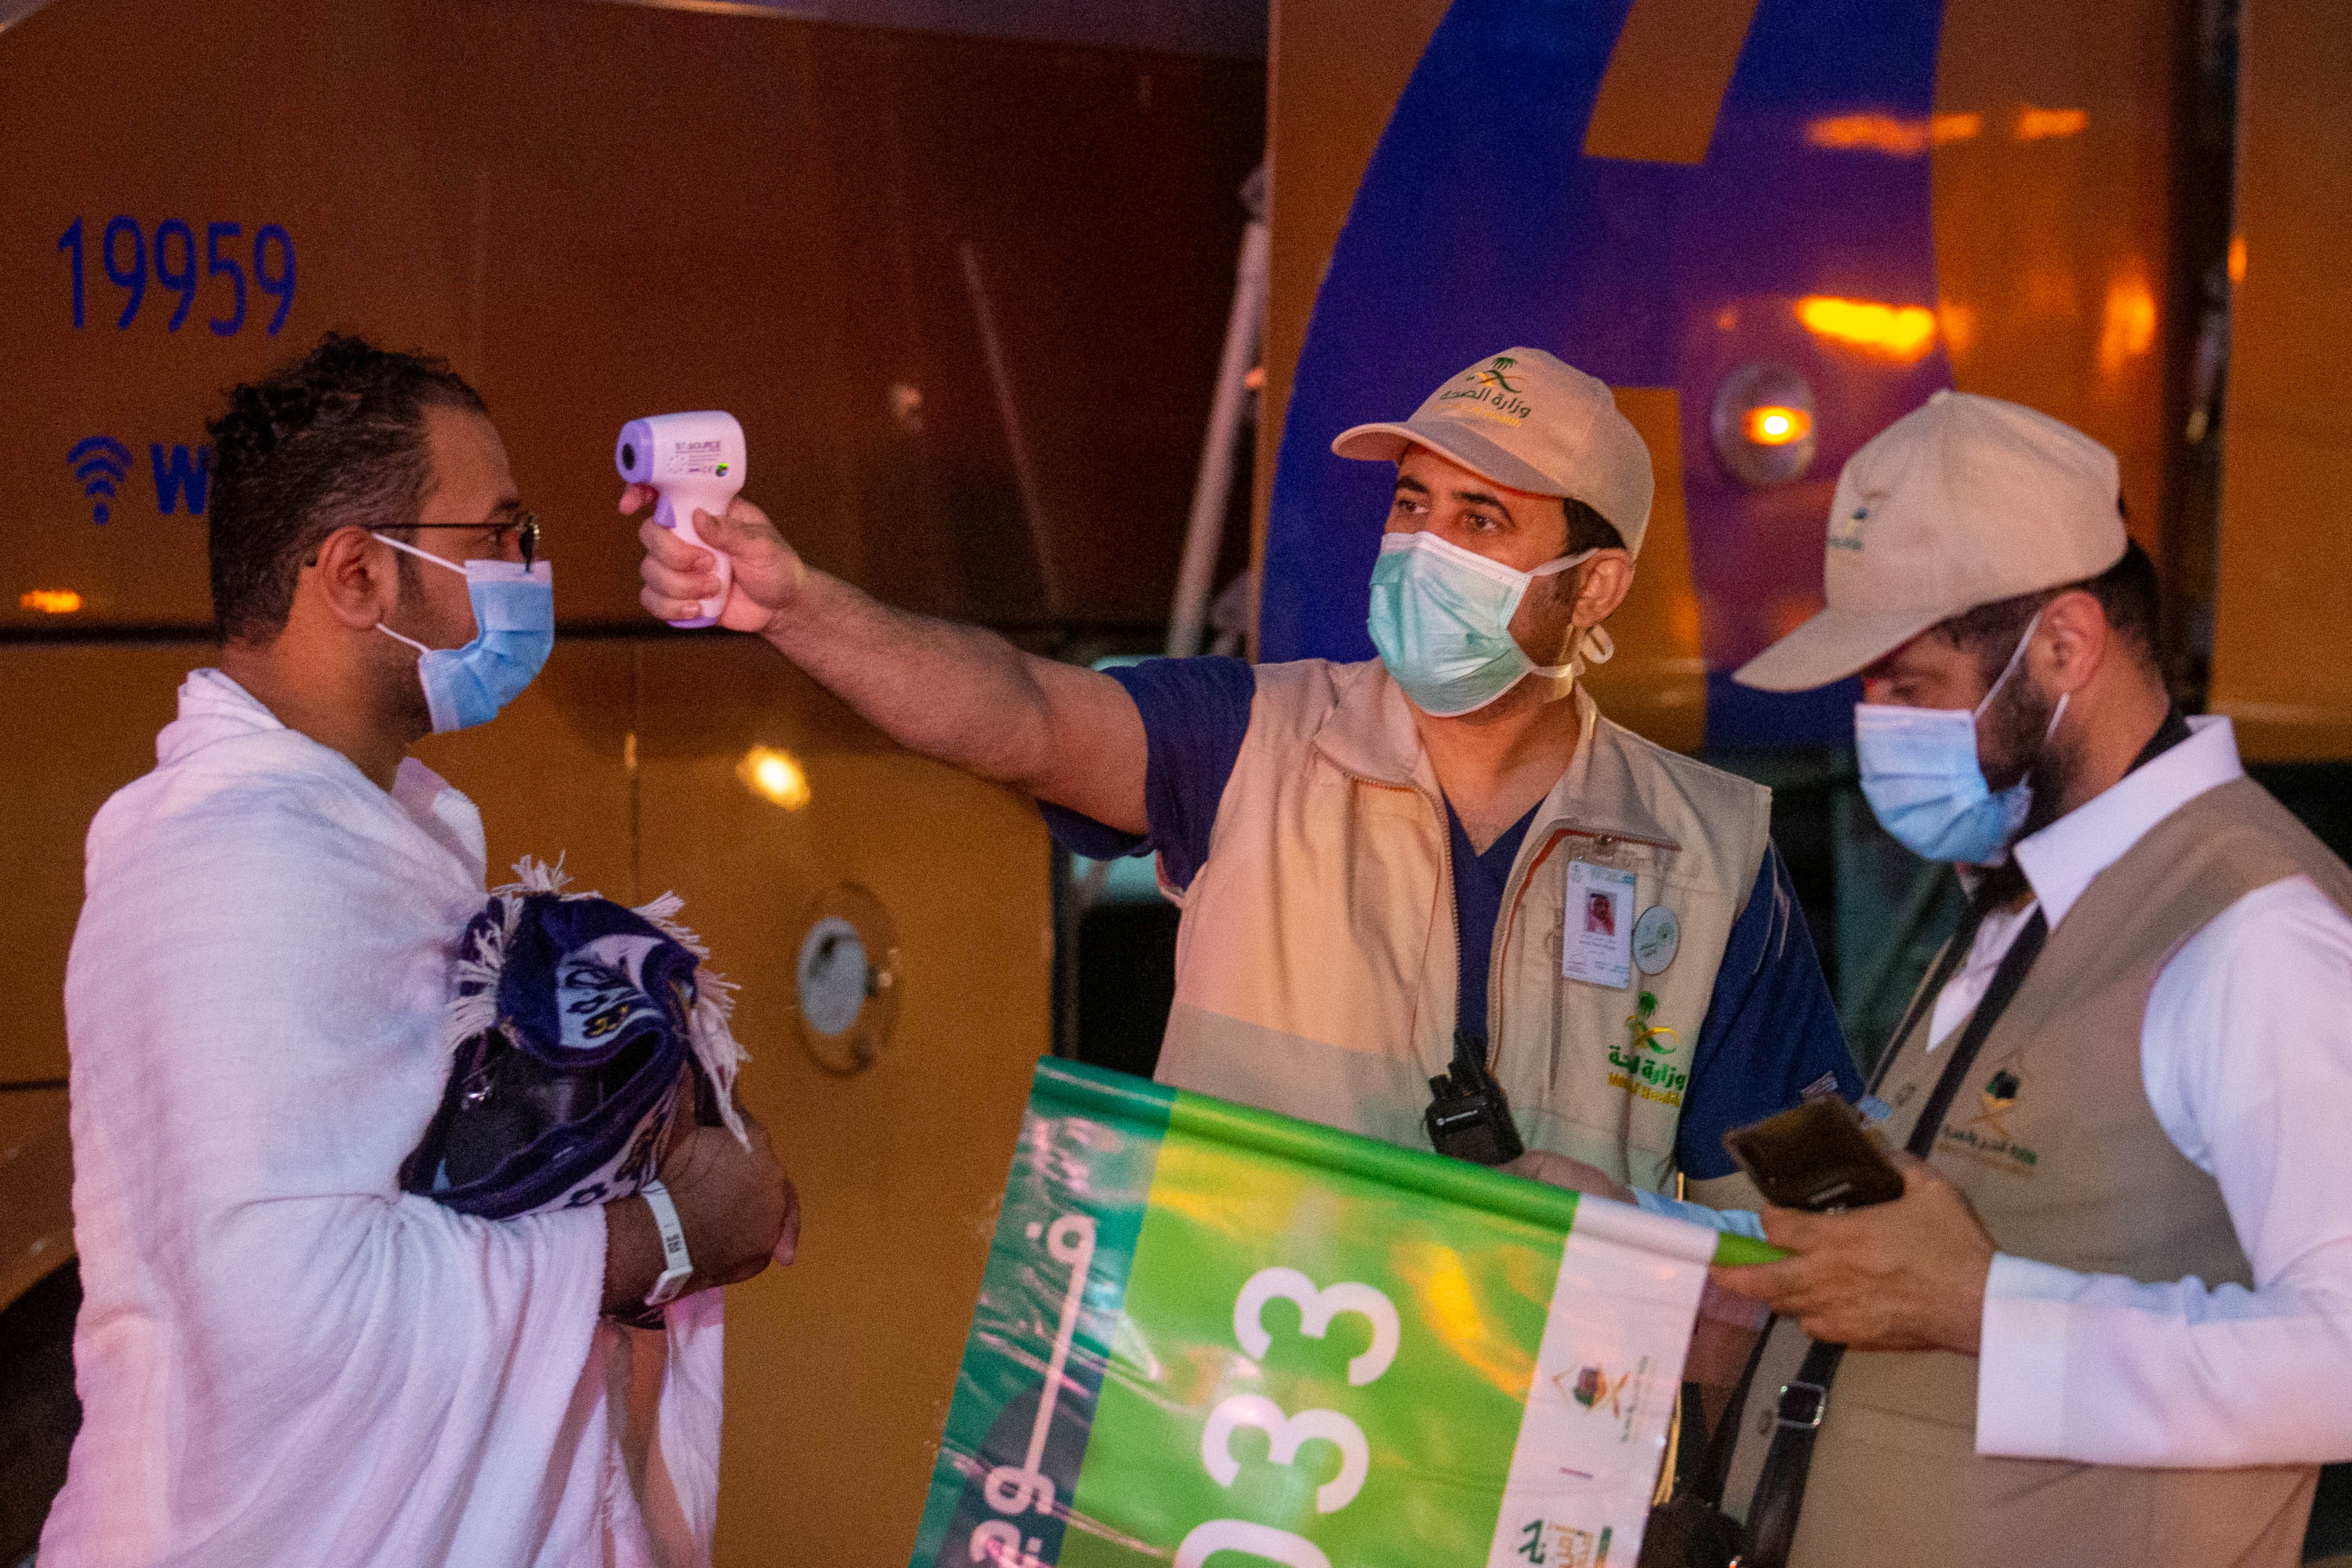 الحجاج أخضعوا لفحص فيروس كورونا المستجد قبل وصولهم إلى مكة، وسيتوجب عليهم البقاء في الحجر الصحي بعد الحج